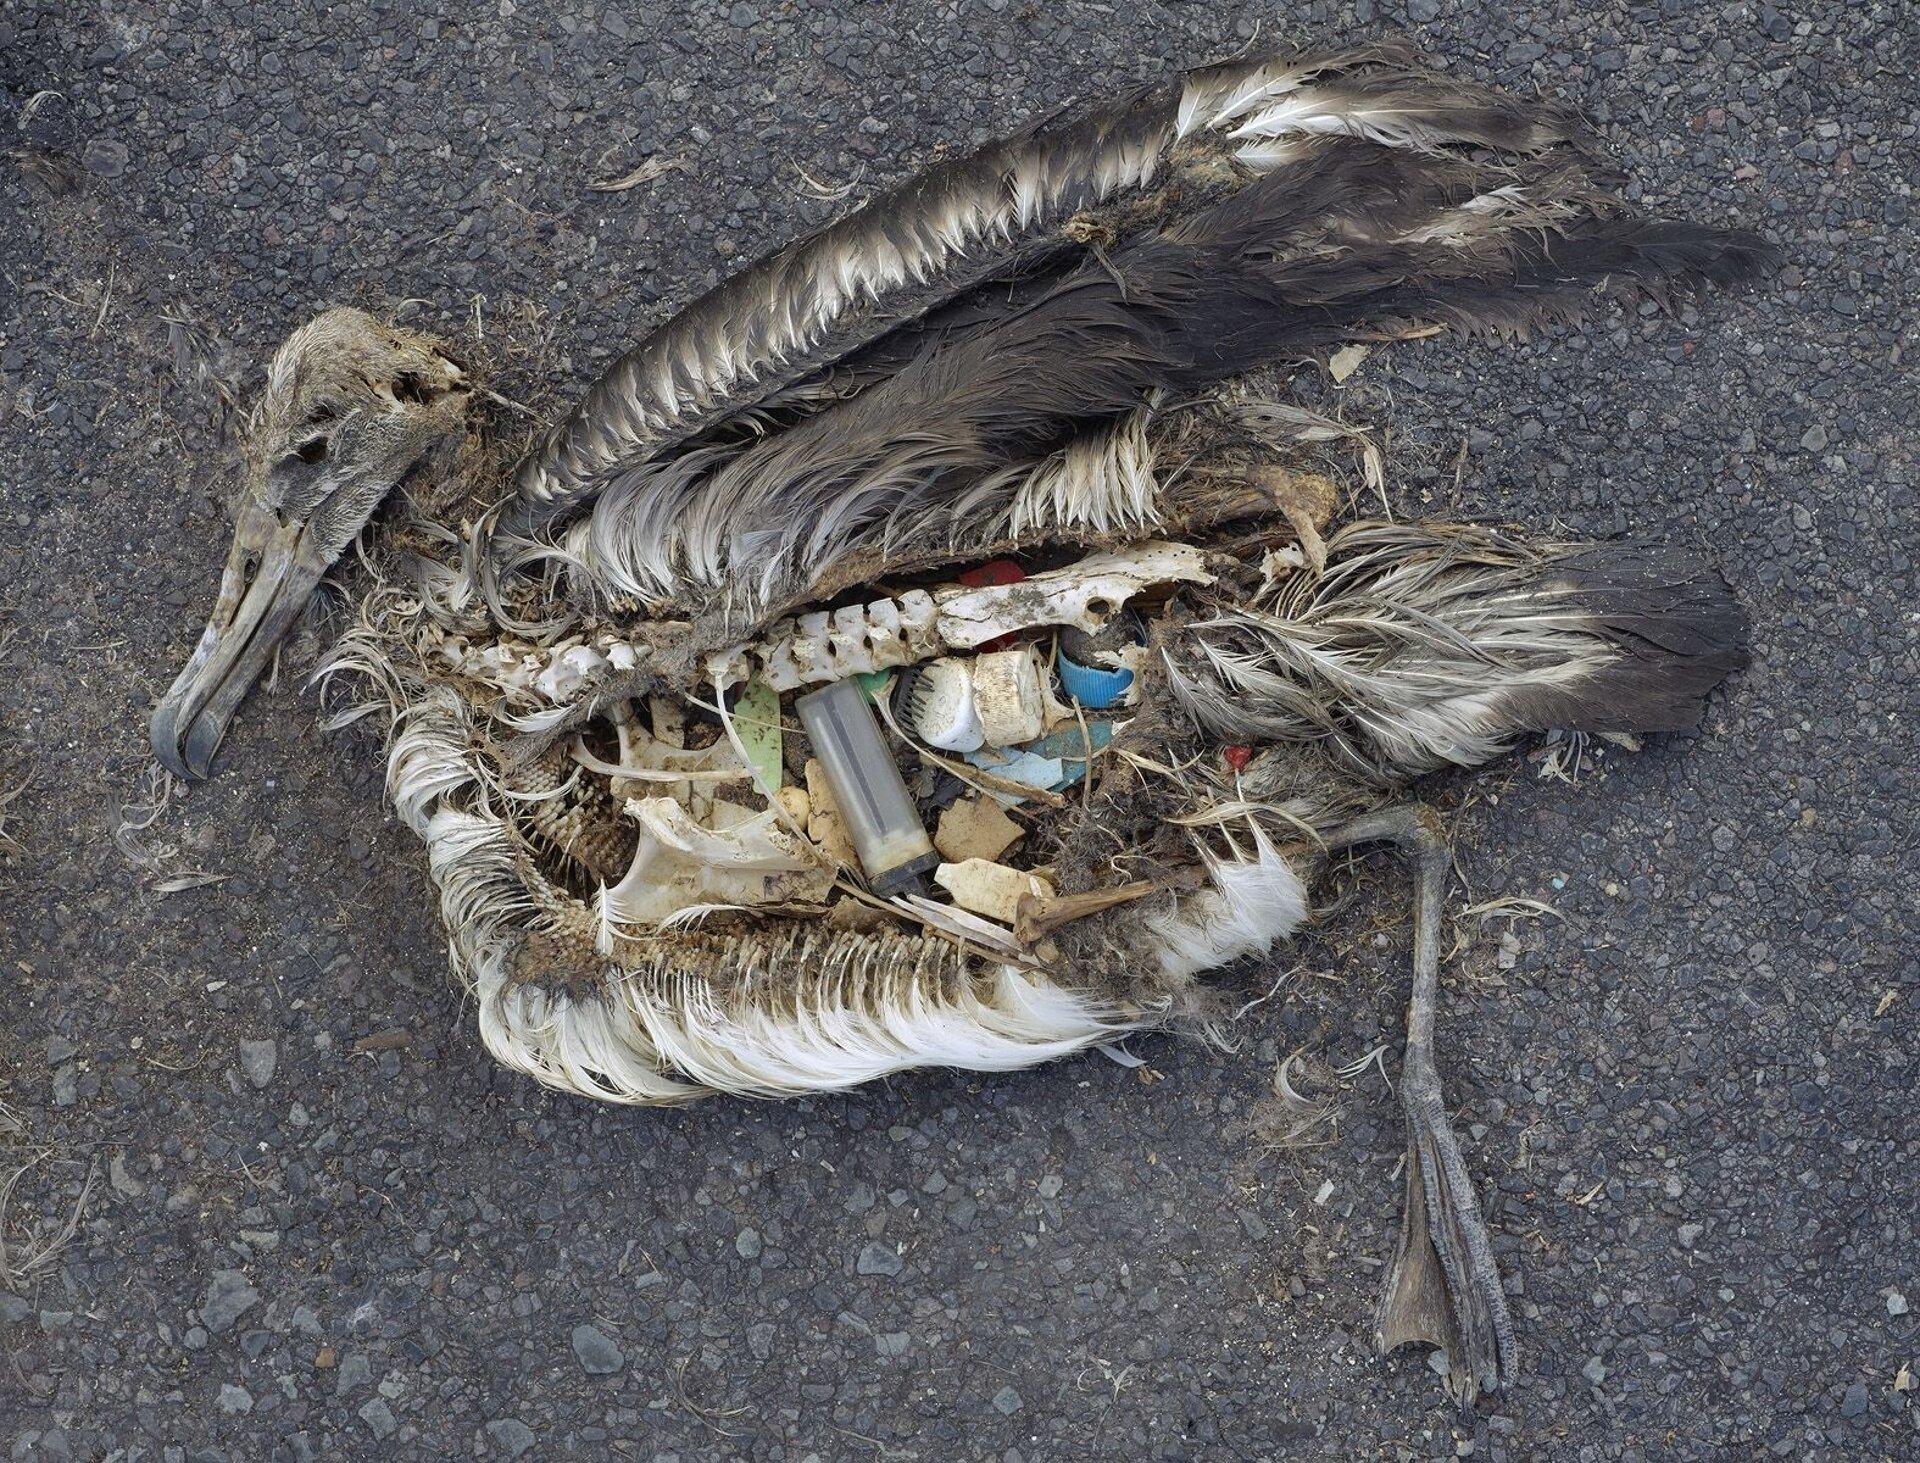 Na zdjęciu martwy albatros. Szkielet, resztki piór, wbrzuchu plastikowe śmieci: zakrętki buteleczki, kawałki plastiku.